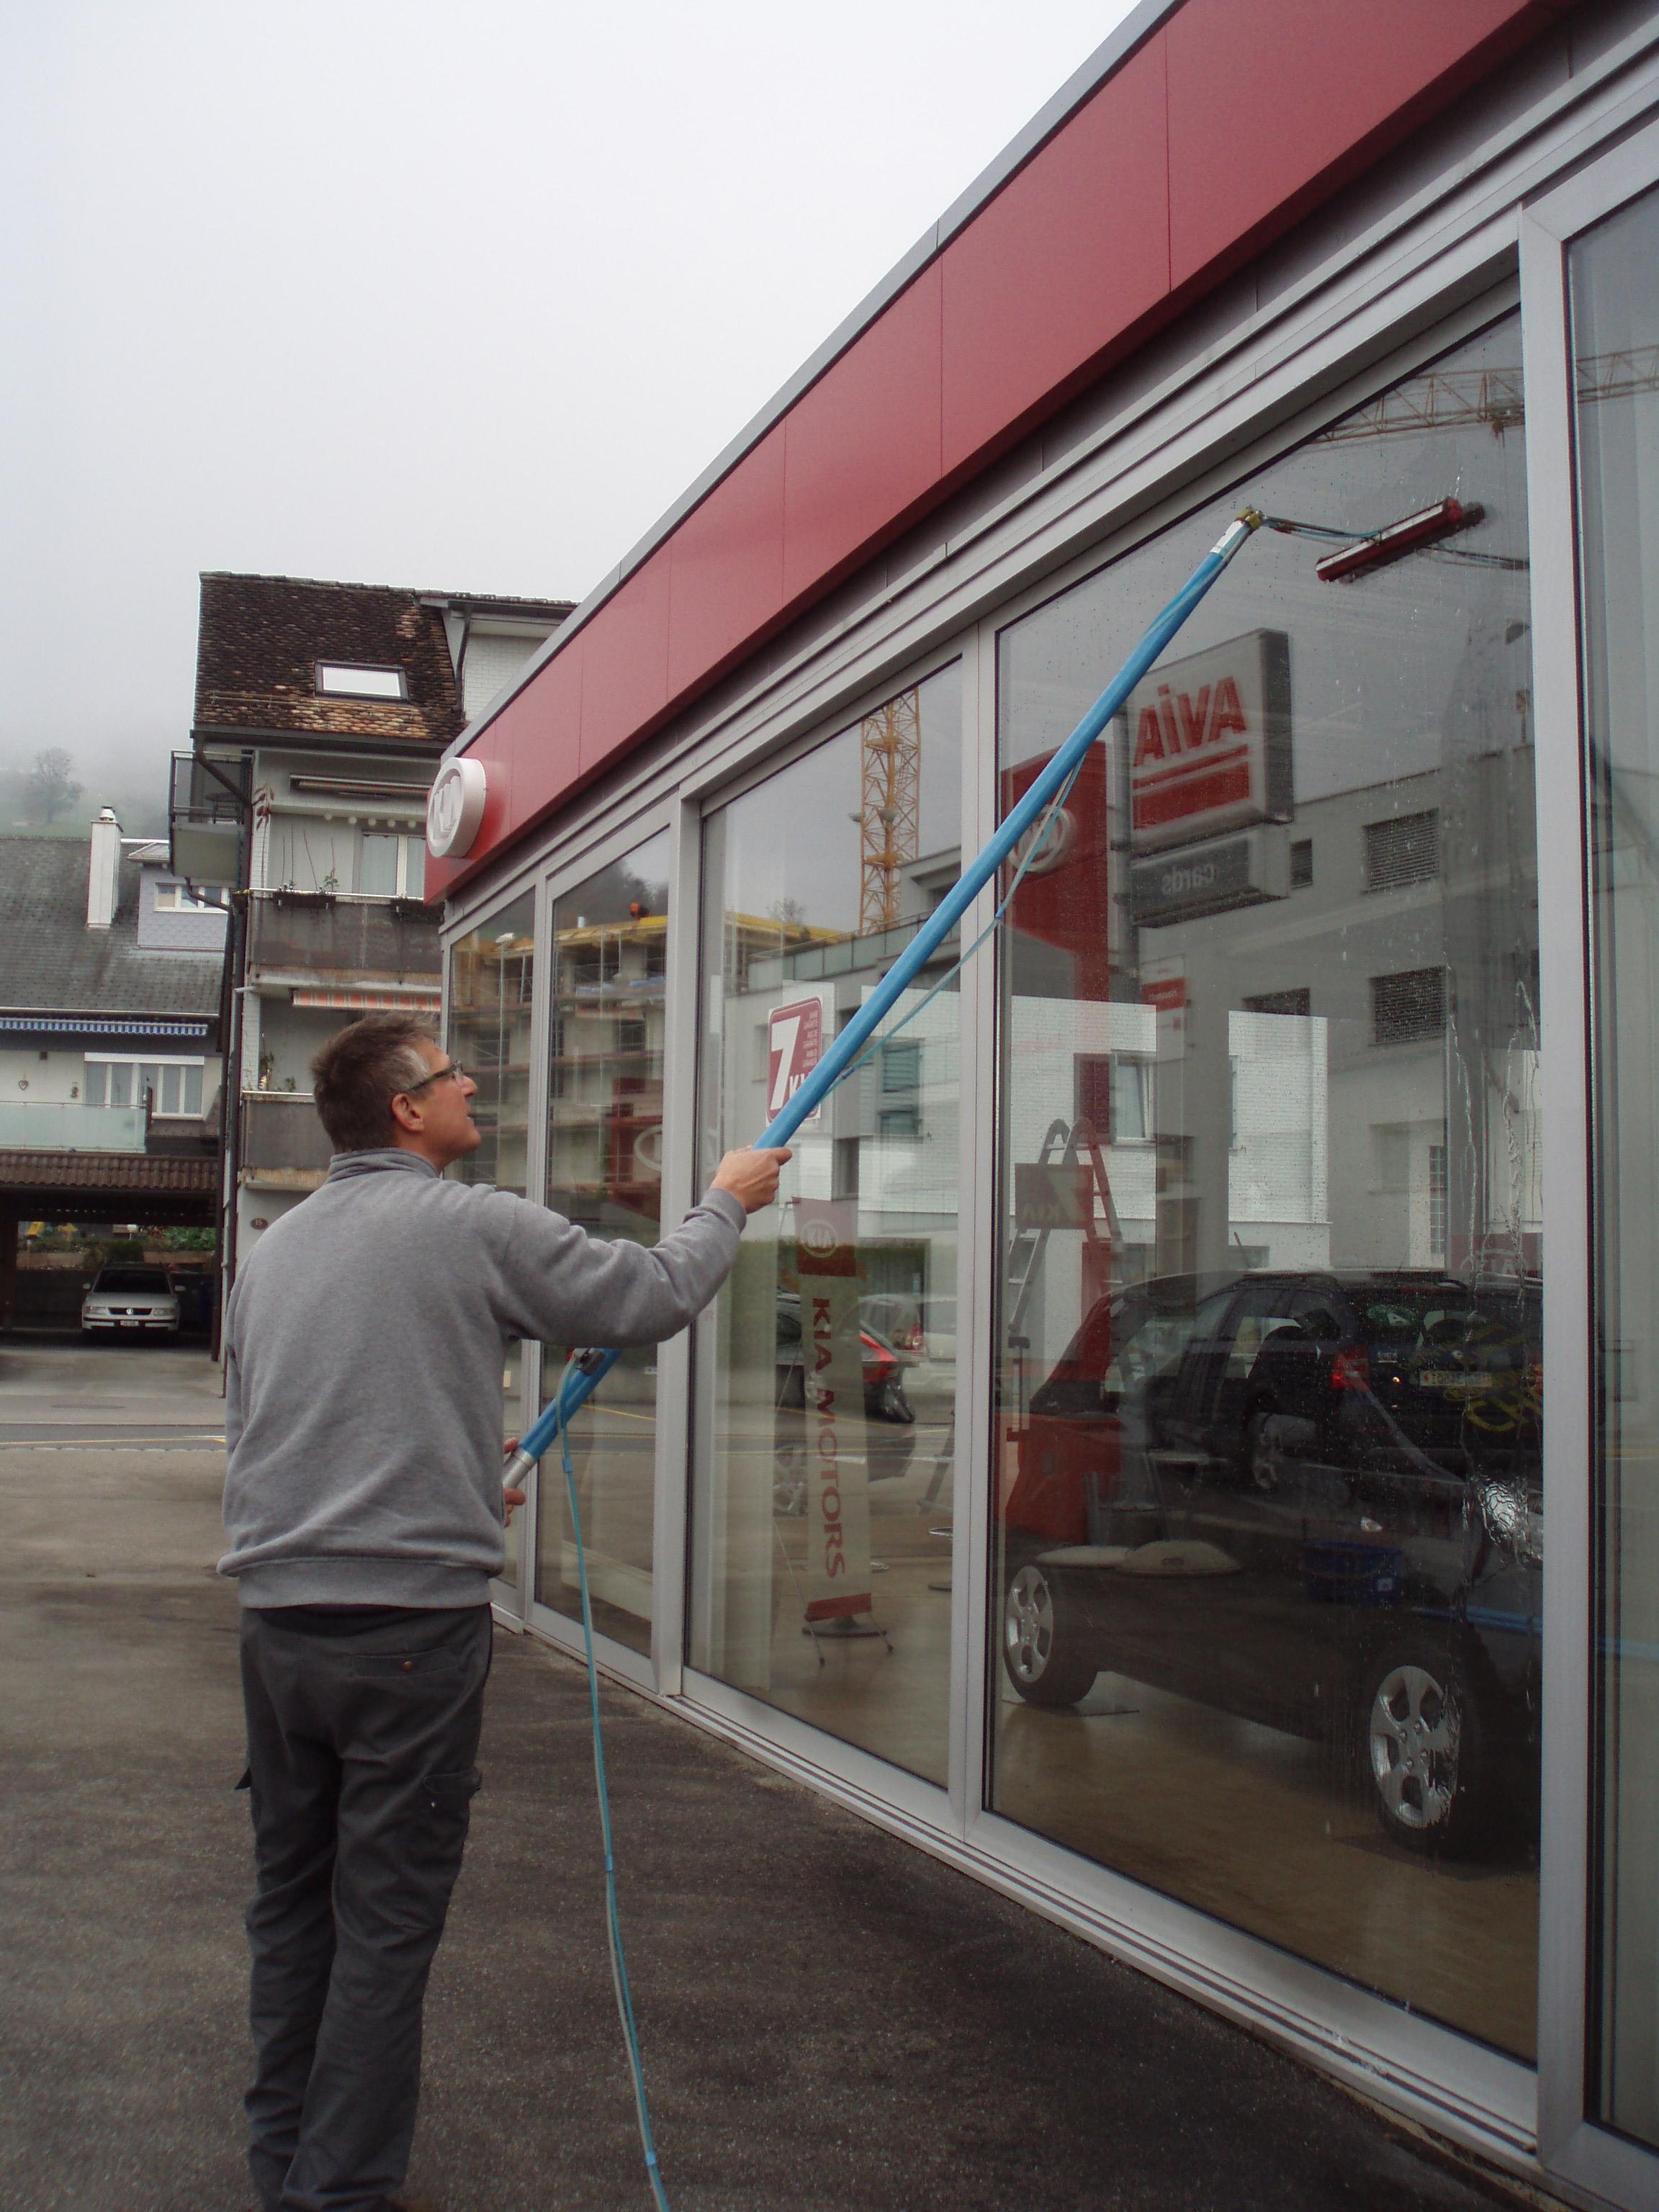 Fenster-und Glasreinigung mit dem Strato-Reinigungssystem